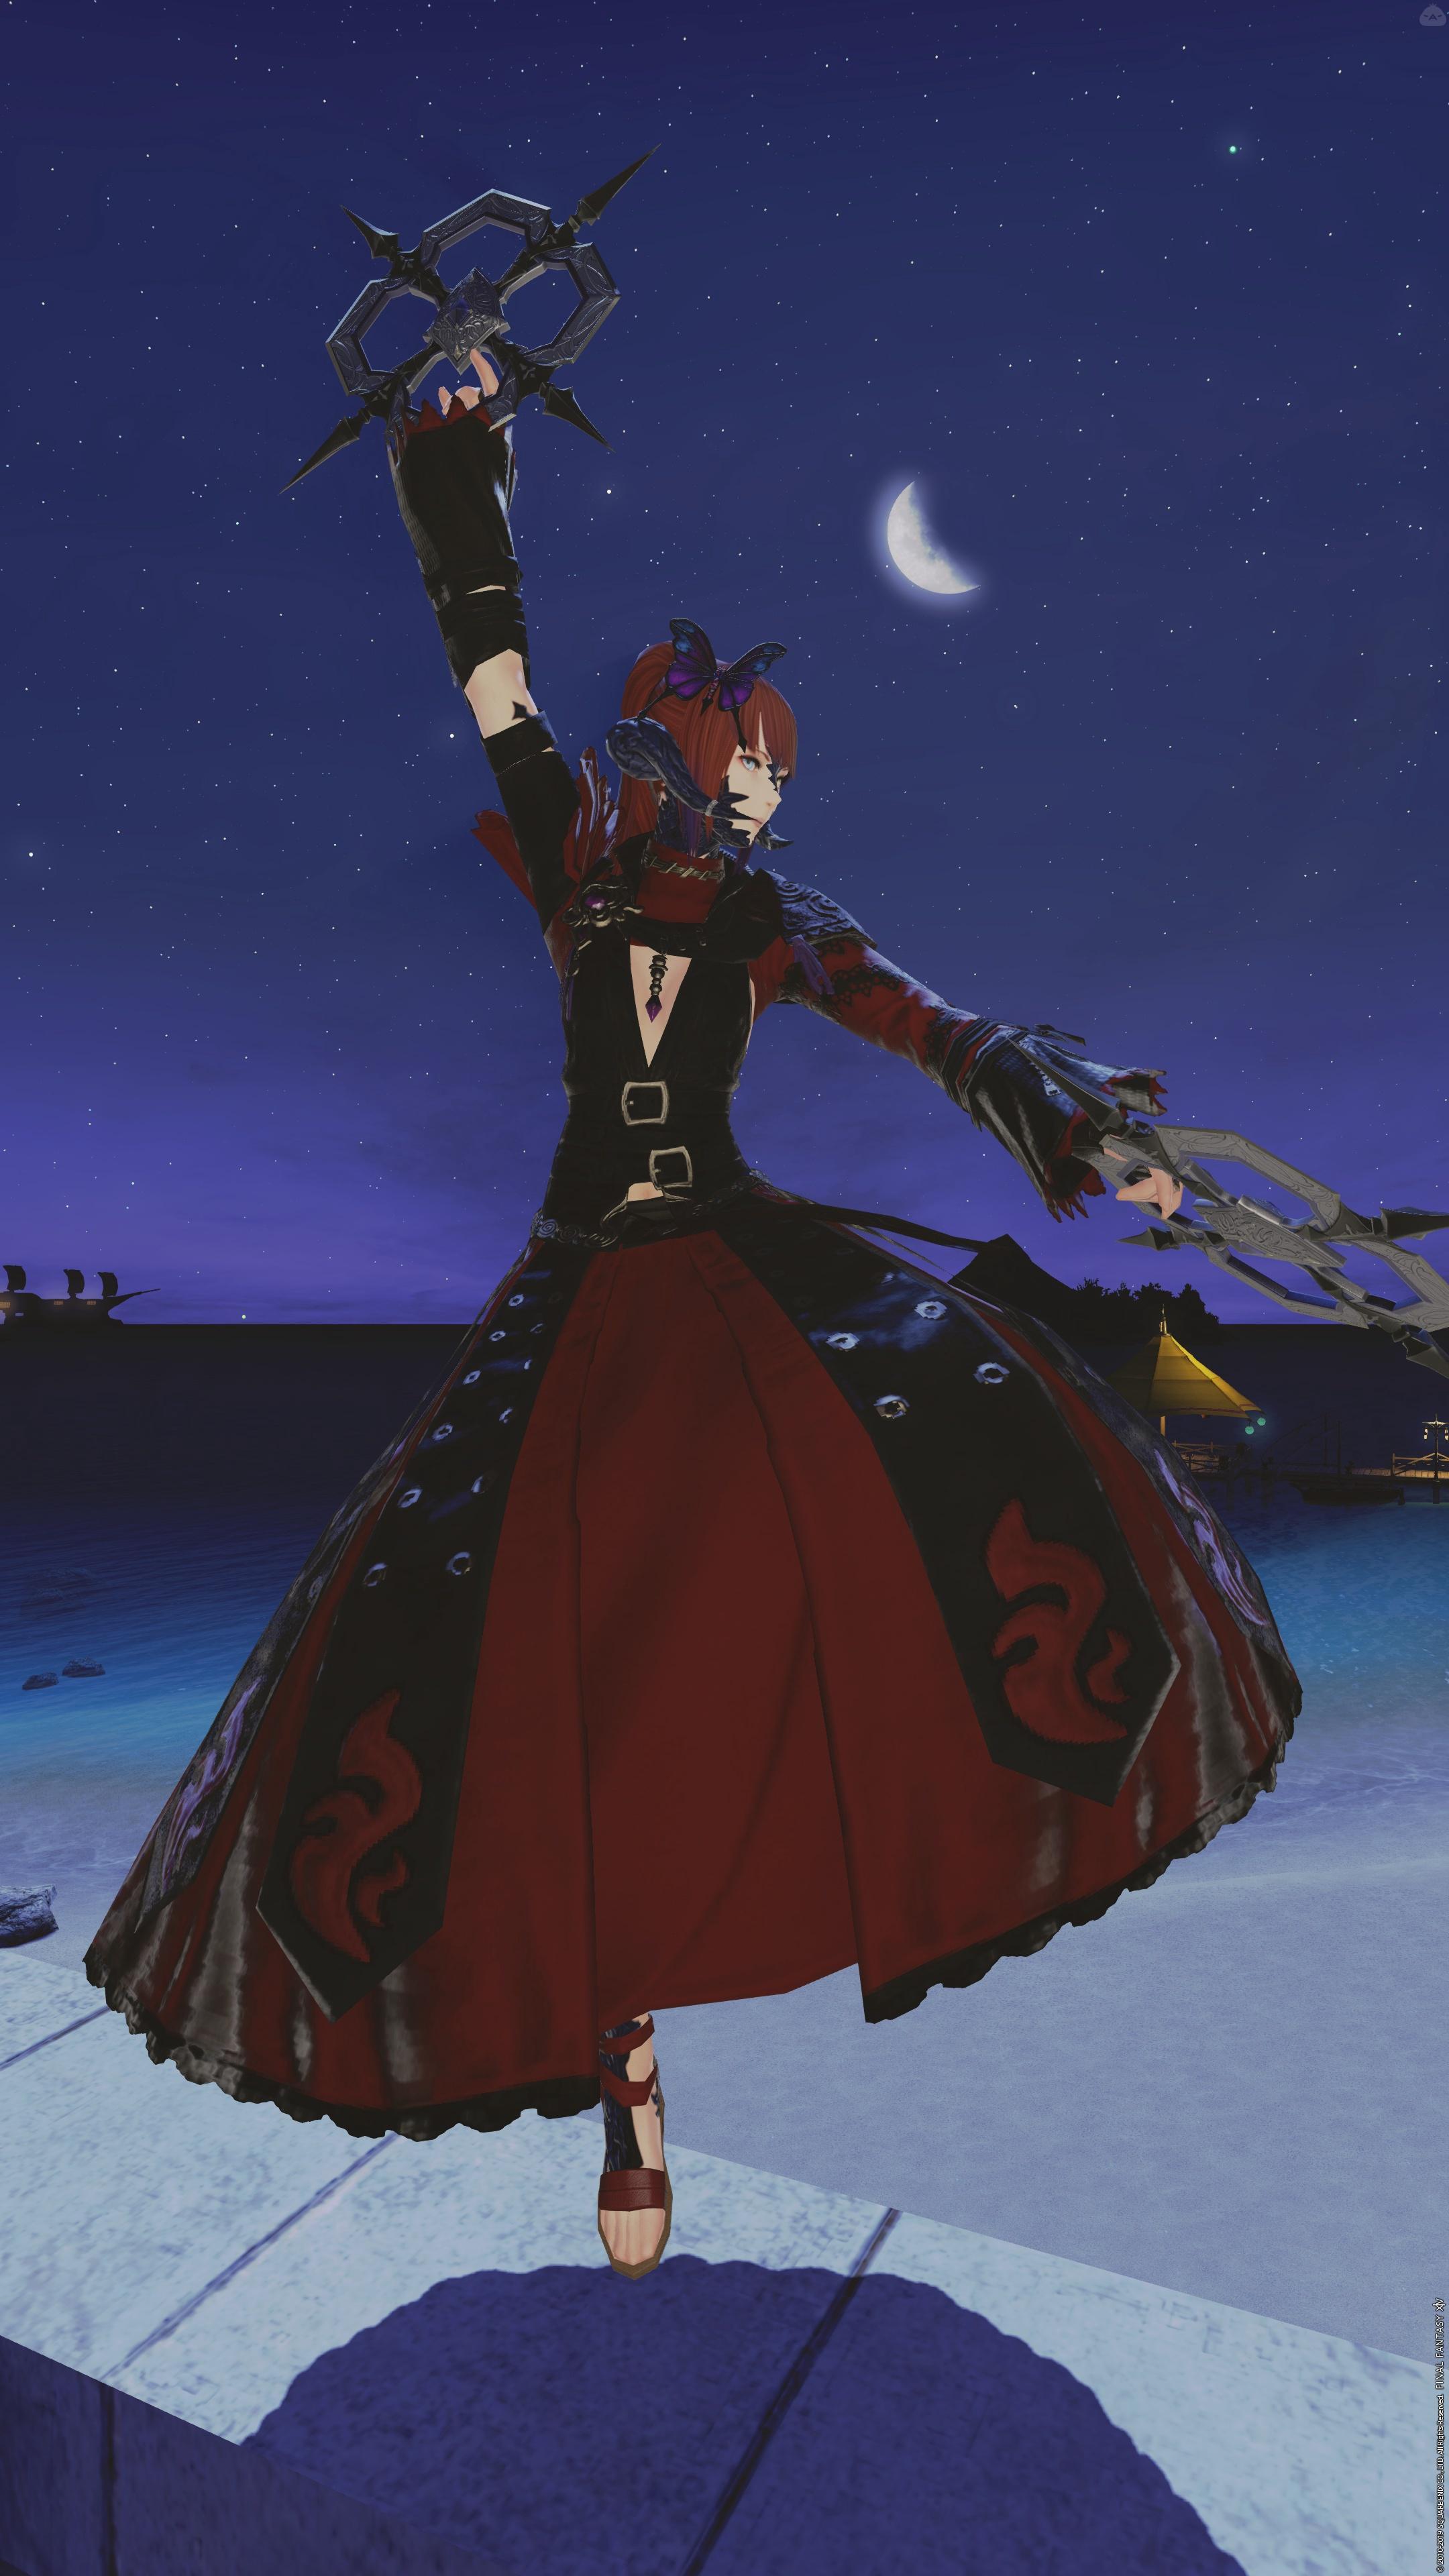 胡蝶の踊り子